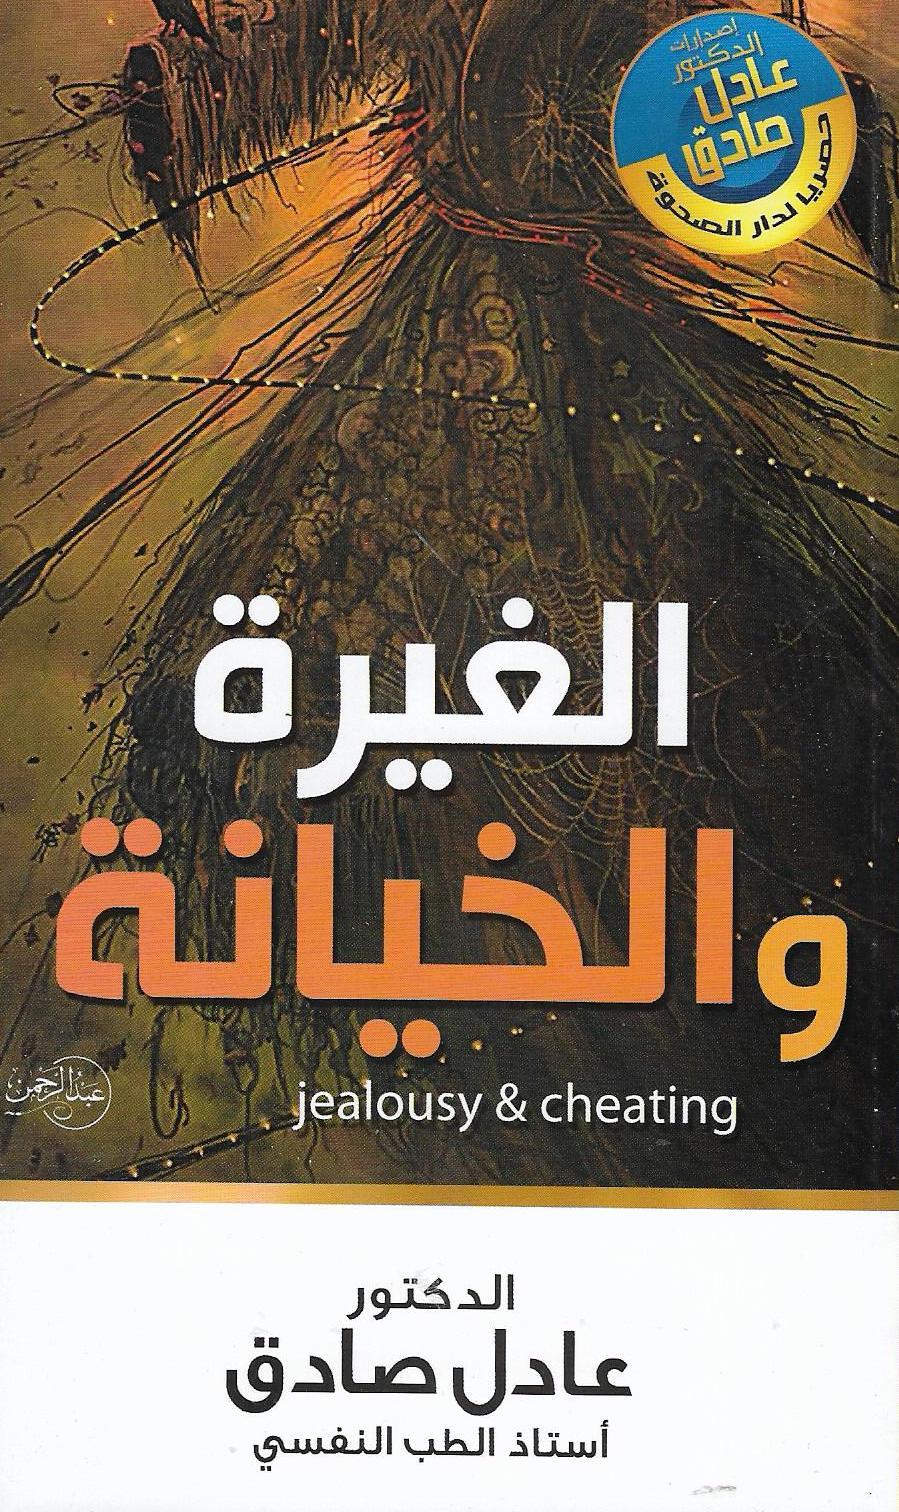 تحميل كتاب الغيرة و الخيانة pdf ل د.عادل صادق مجاناً | مكتبة كتب pdf